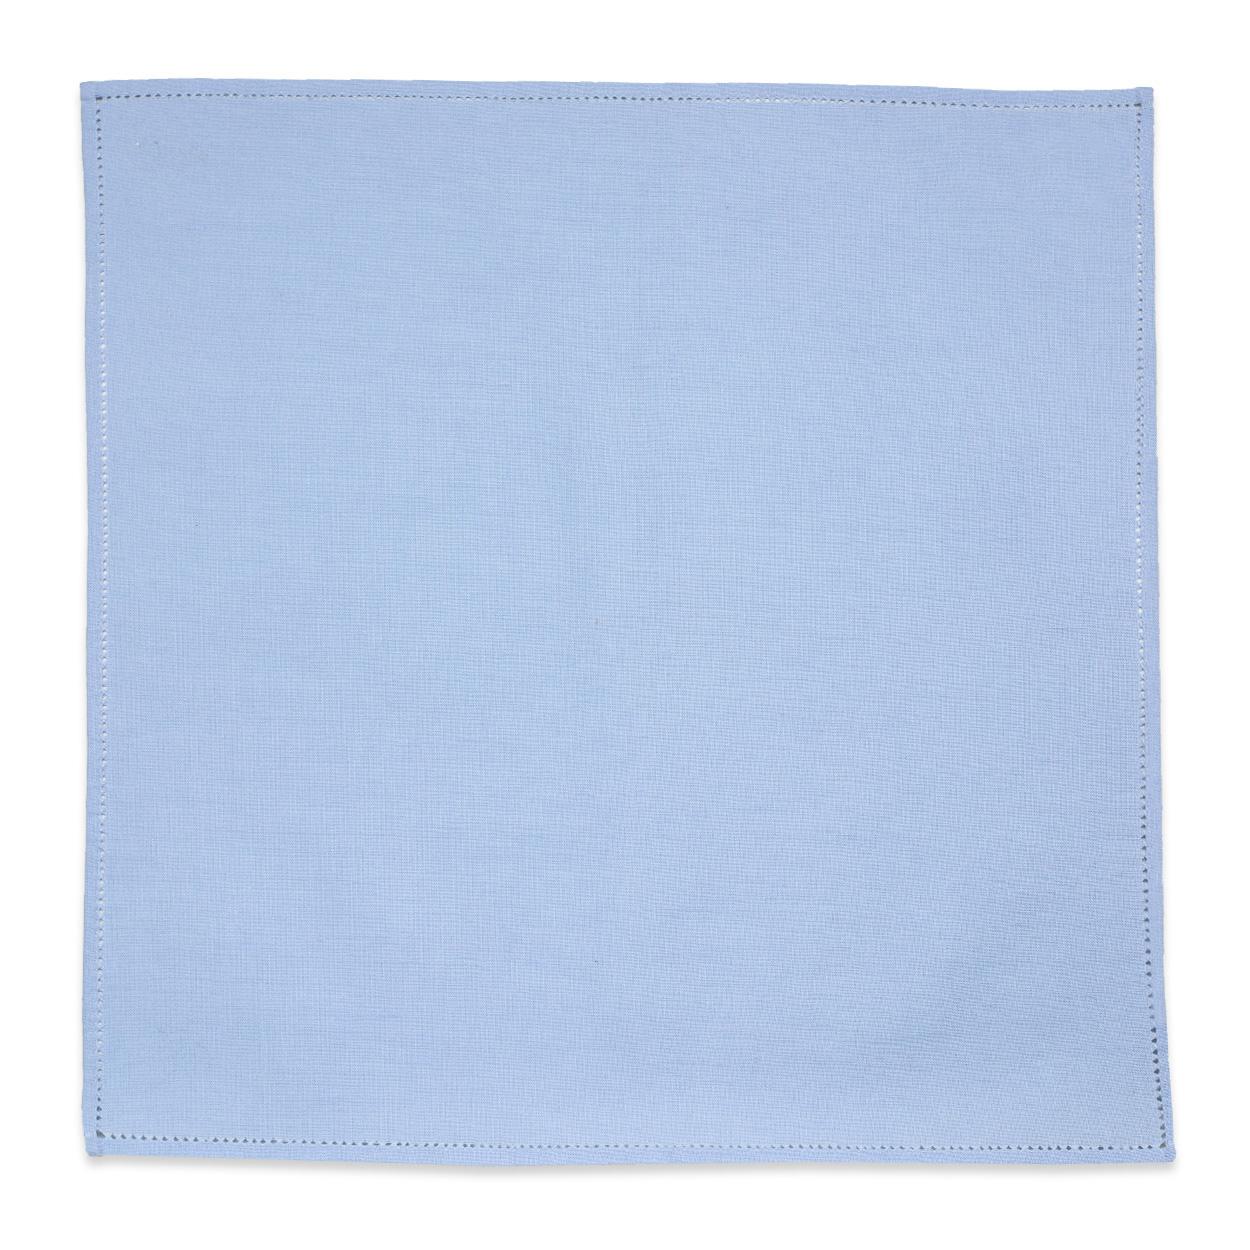 Μπλε Λινό Μαντήλι Κουστουμιού με Αζούρ